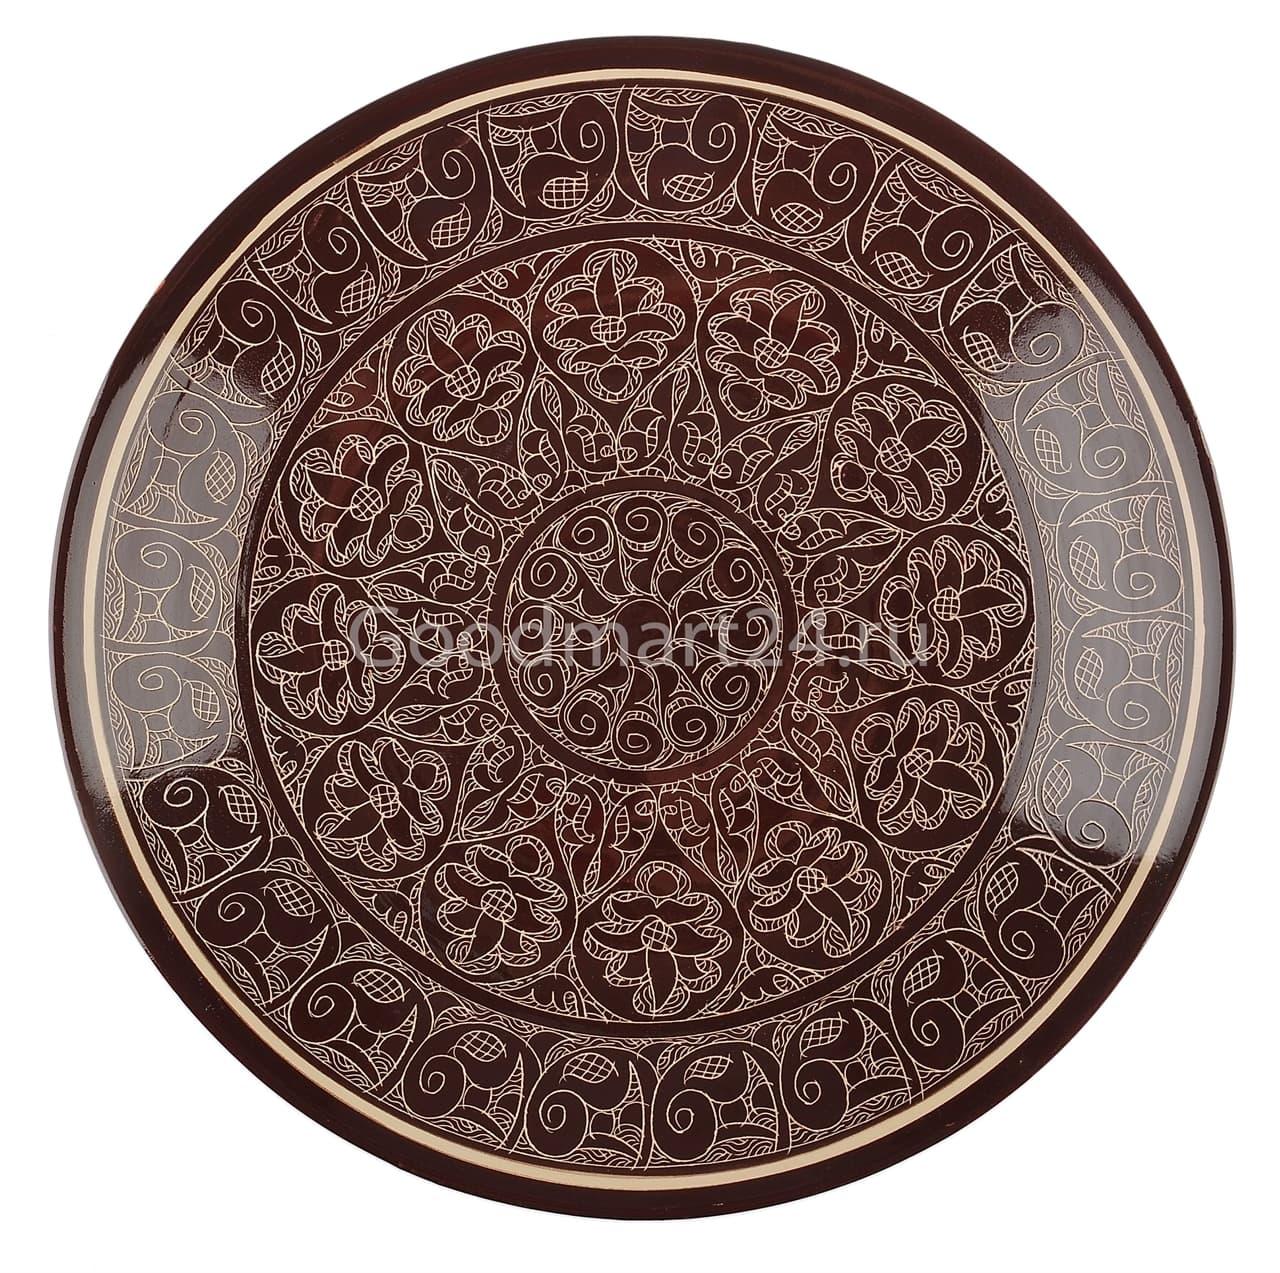 Ляган Риштанская Керамика 34 см. плоский, коричневый - фото 7354